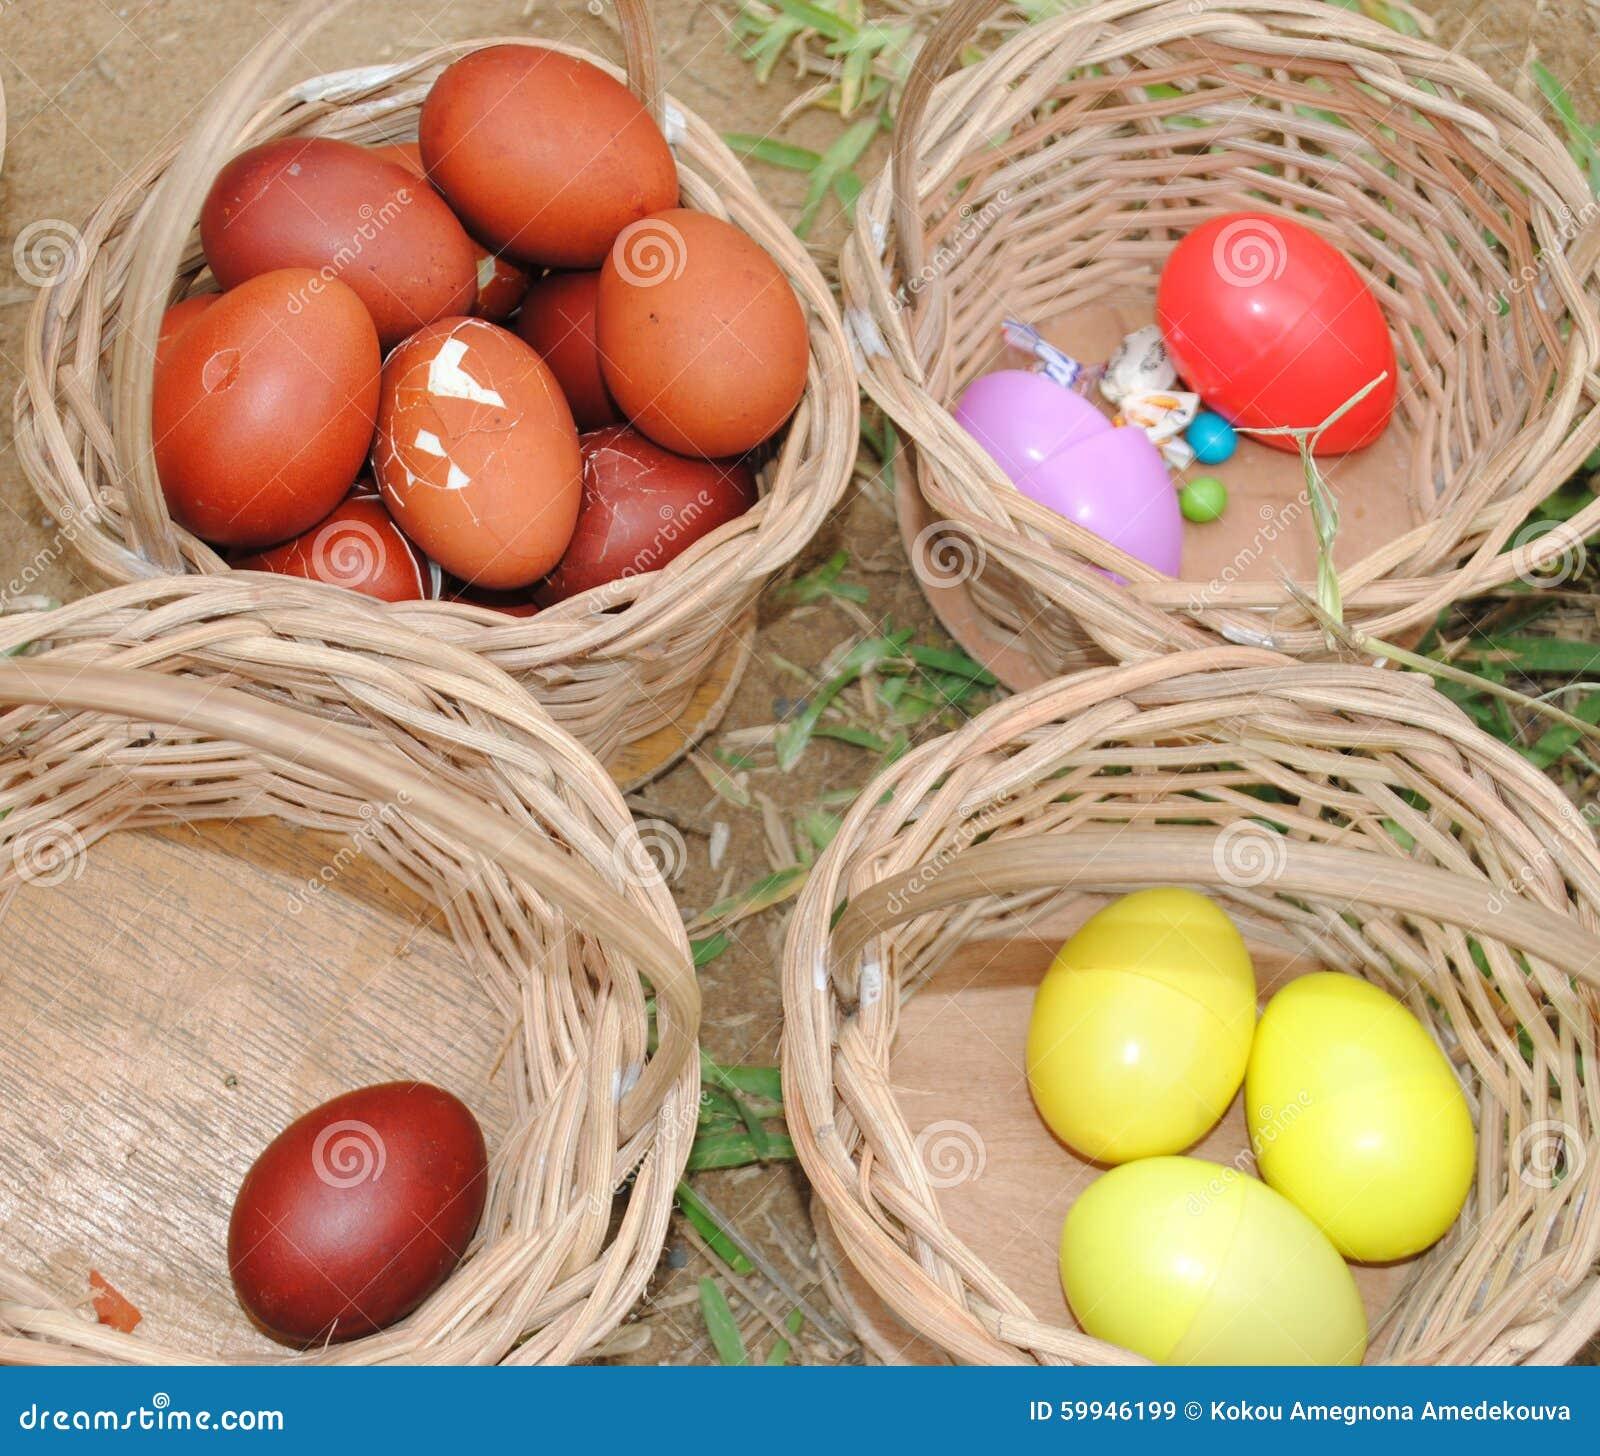 Wielkanocni jajka